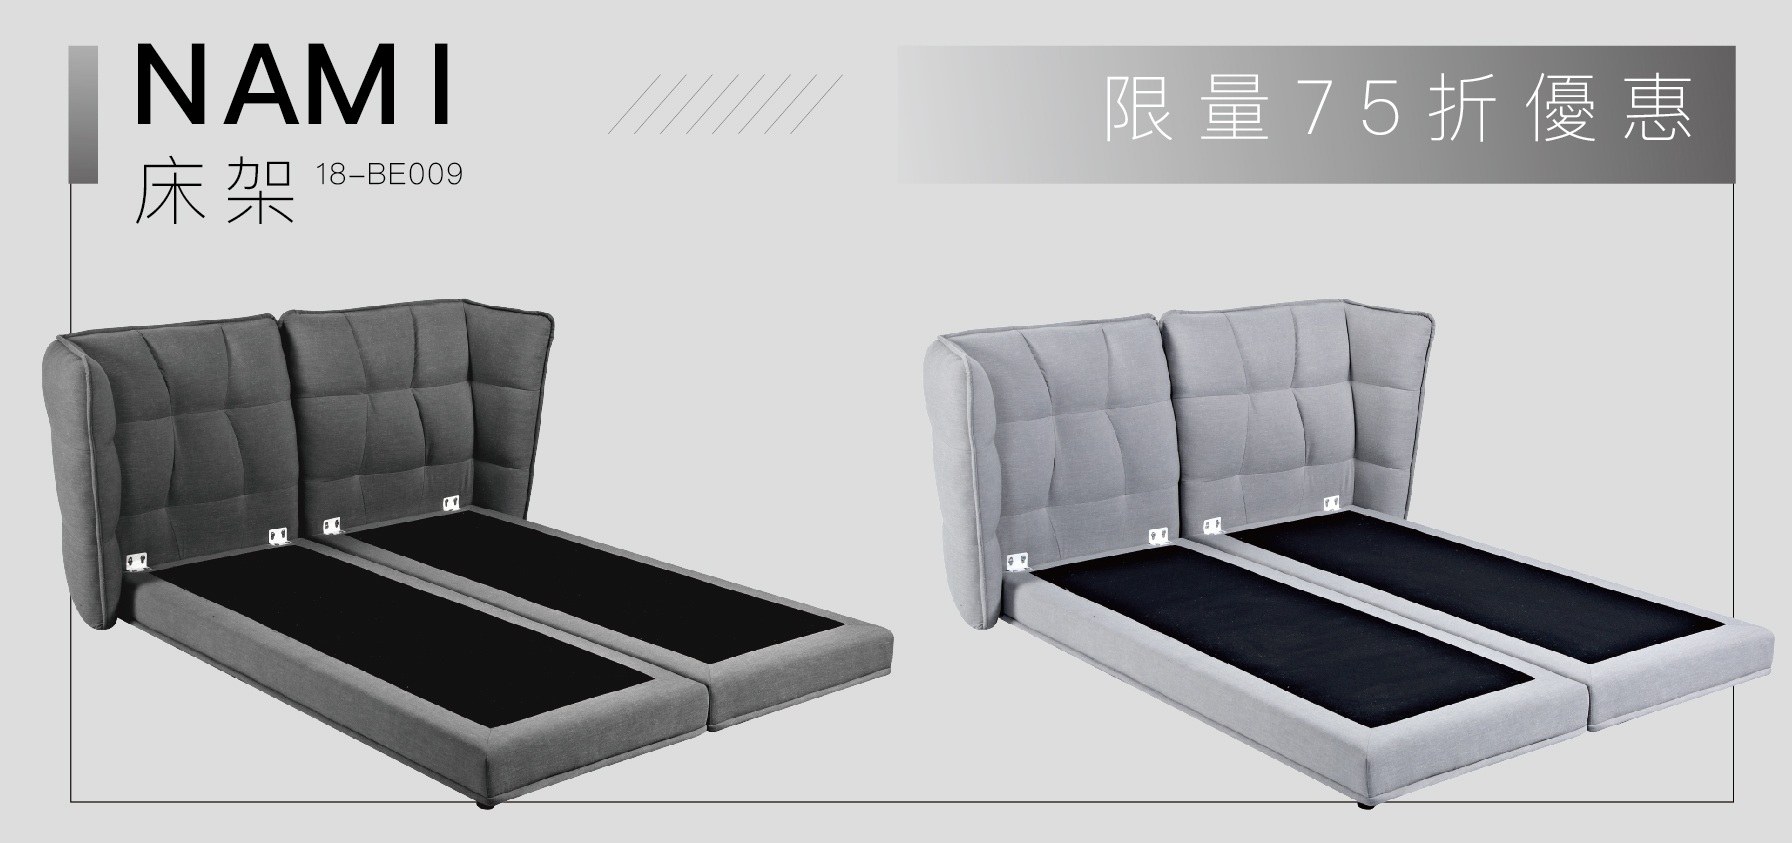 床架優惠活動